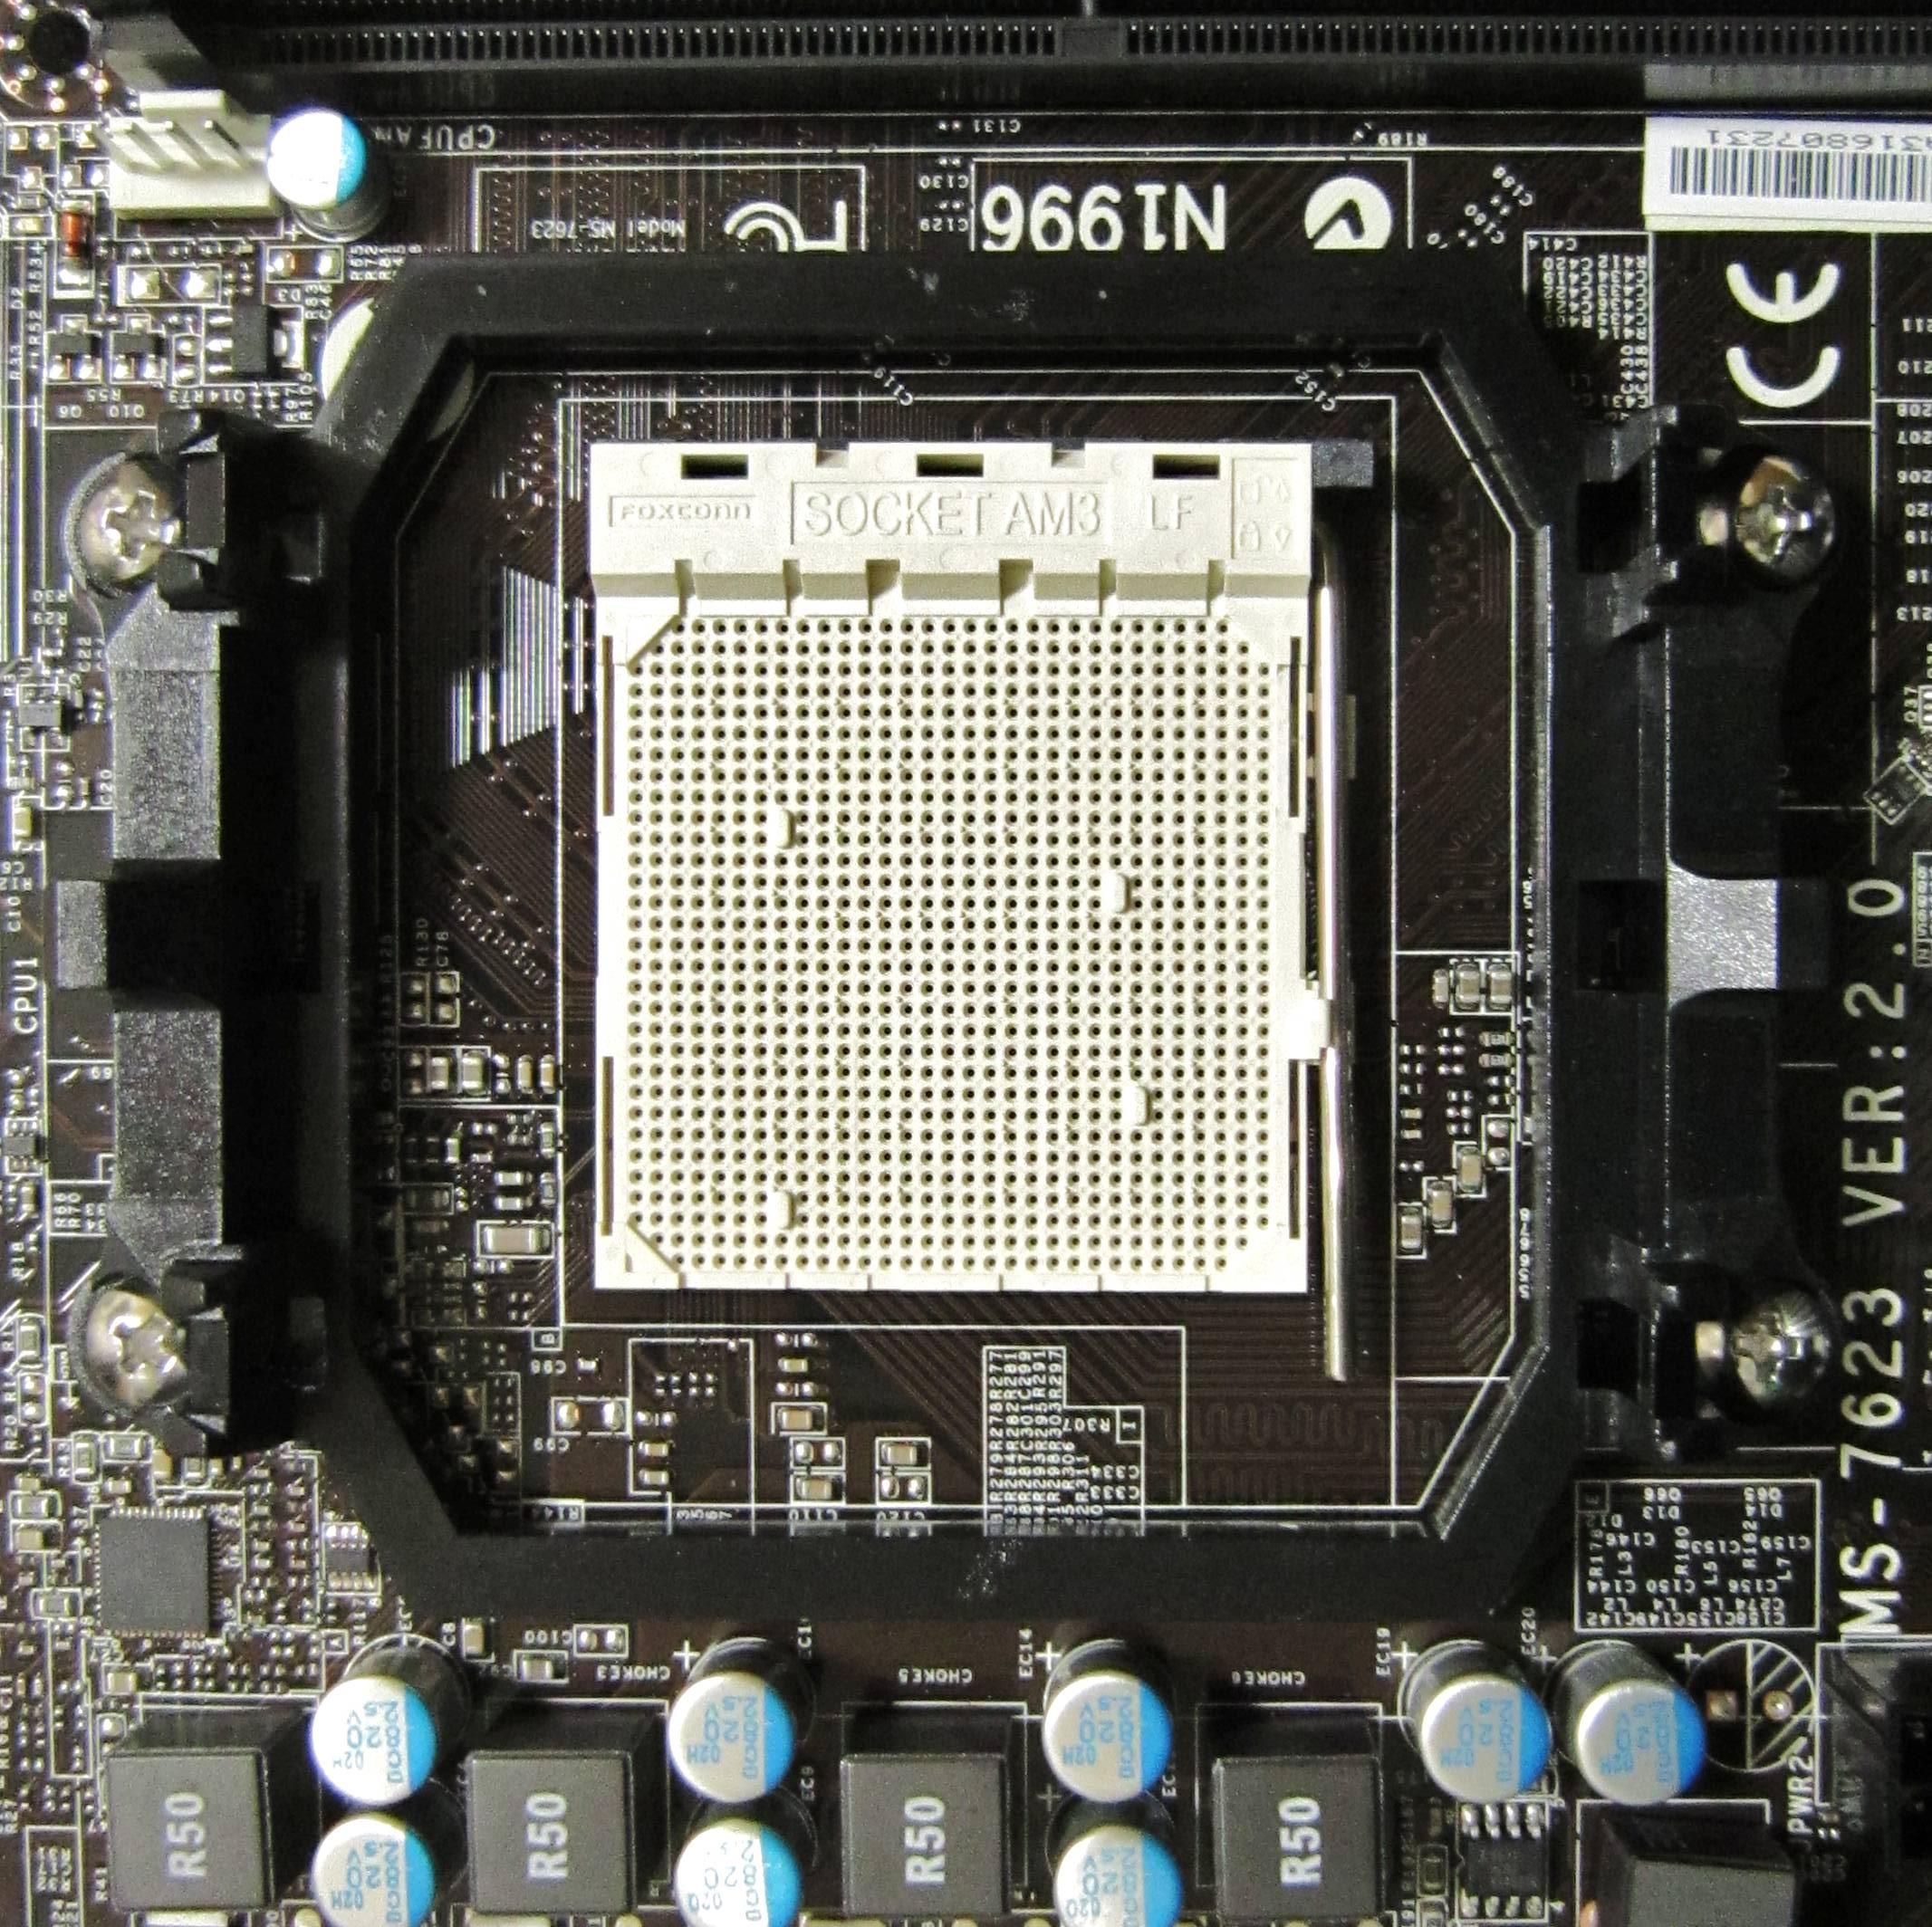 Daftar Harga MotherBoard AMD AM3 Terbaru Desember 2012